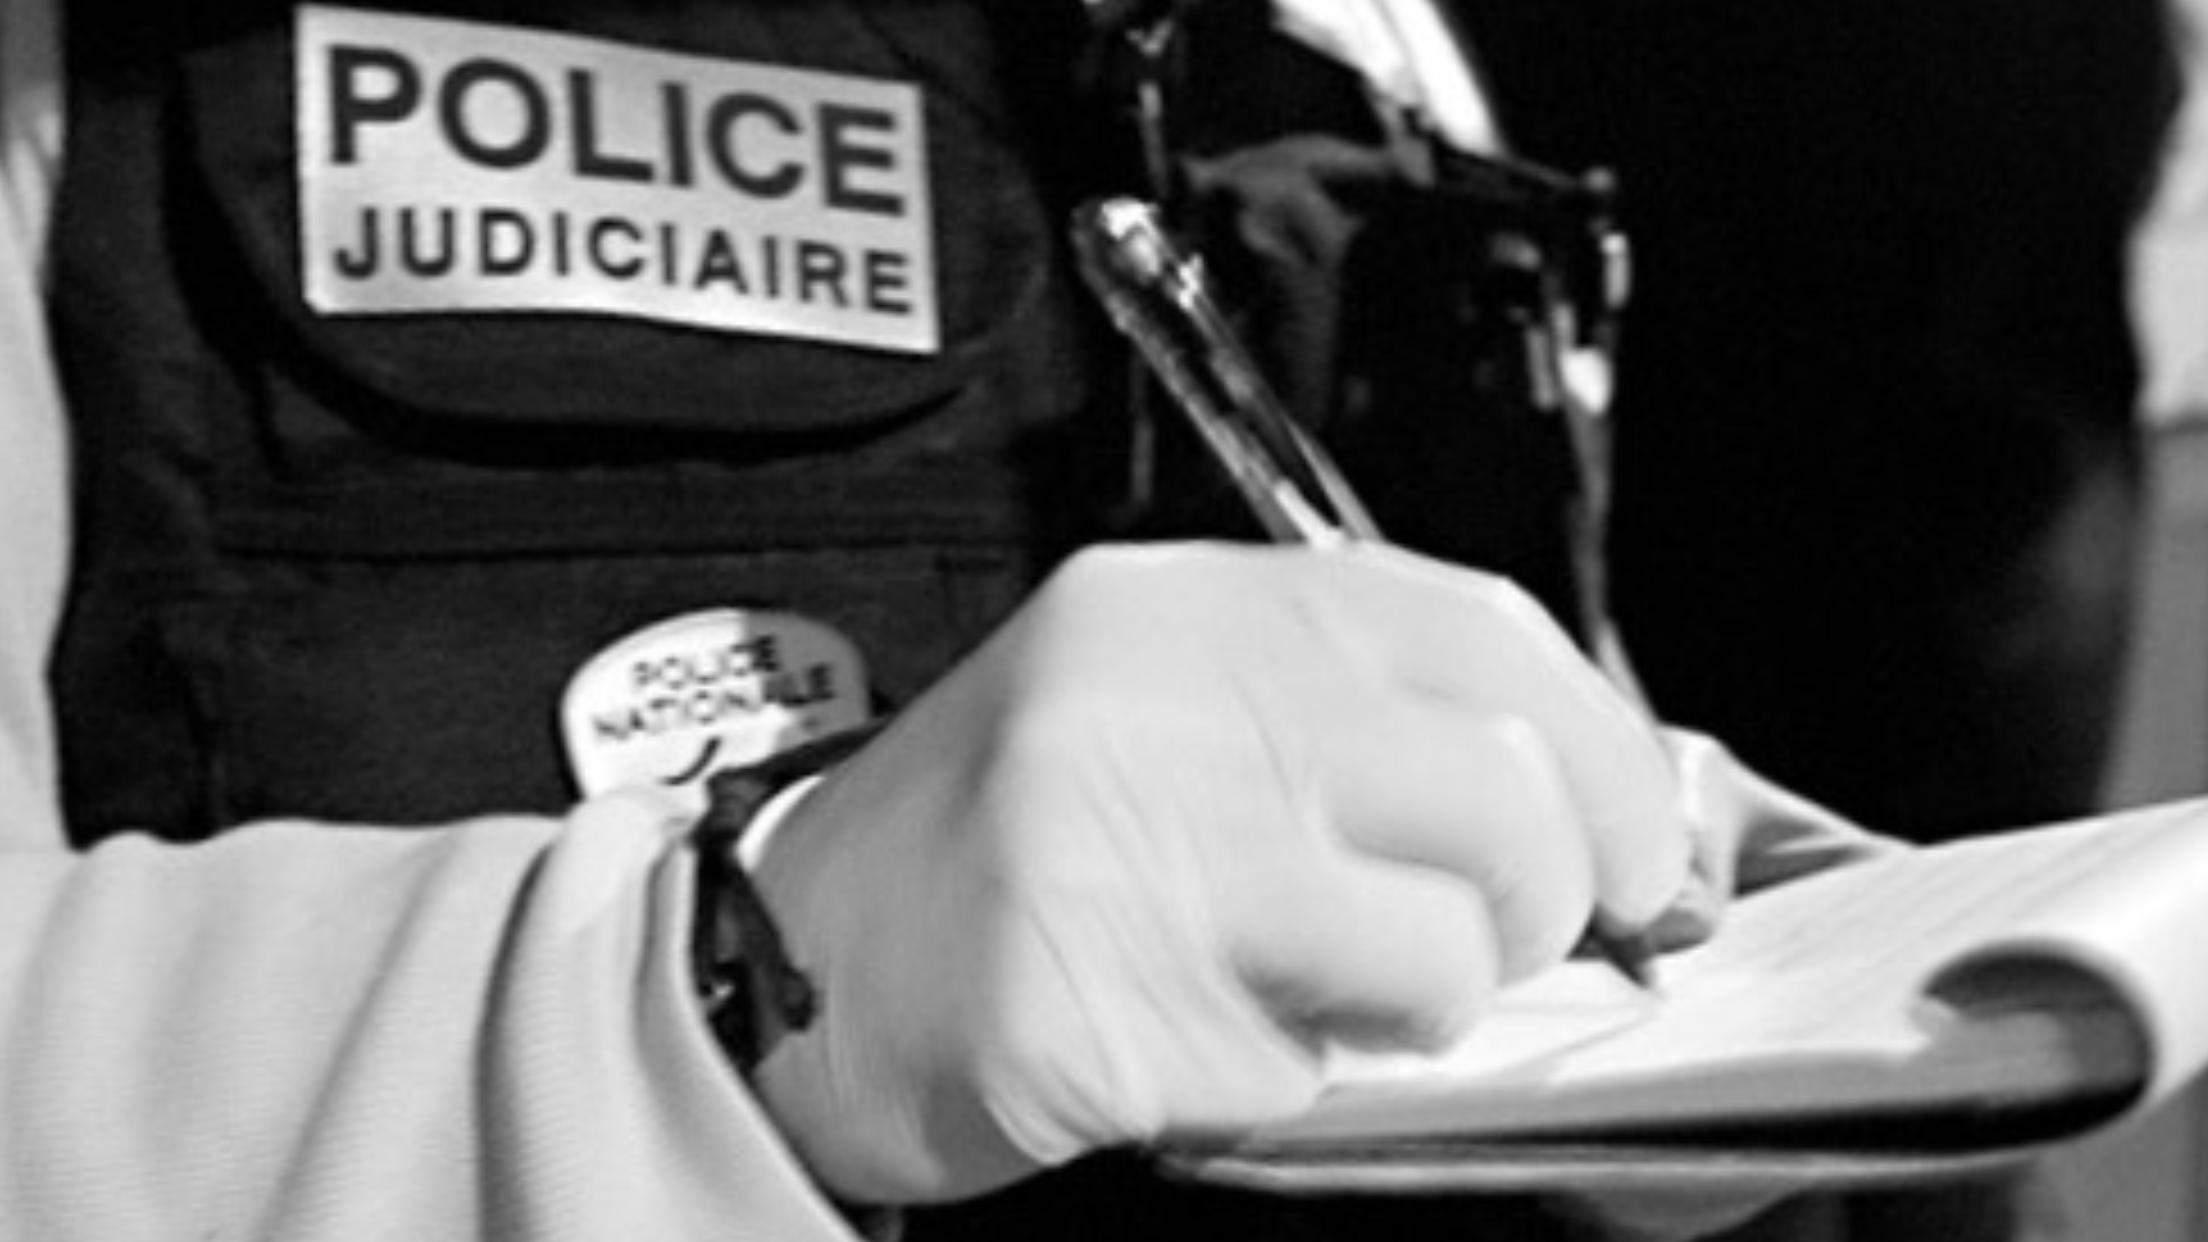 La brigade de répression du banditisme a été saisie de l'enquête (Illustration © DGPN)